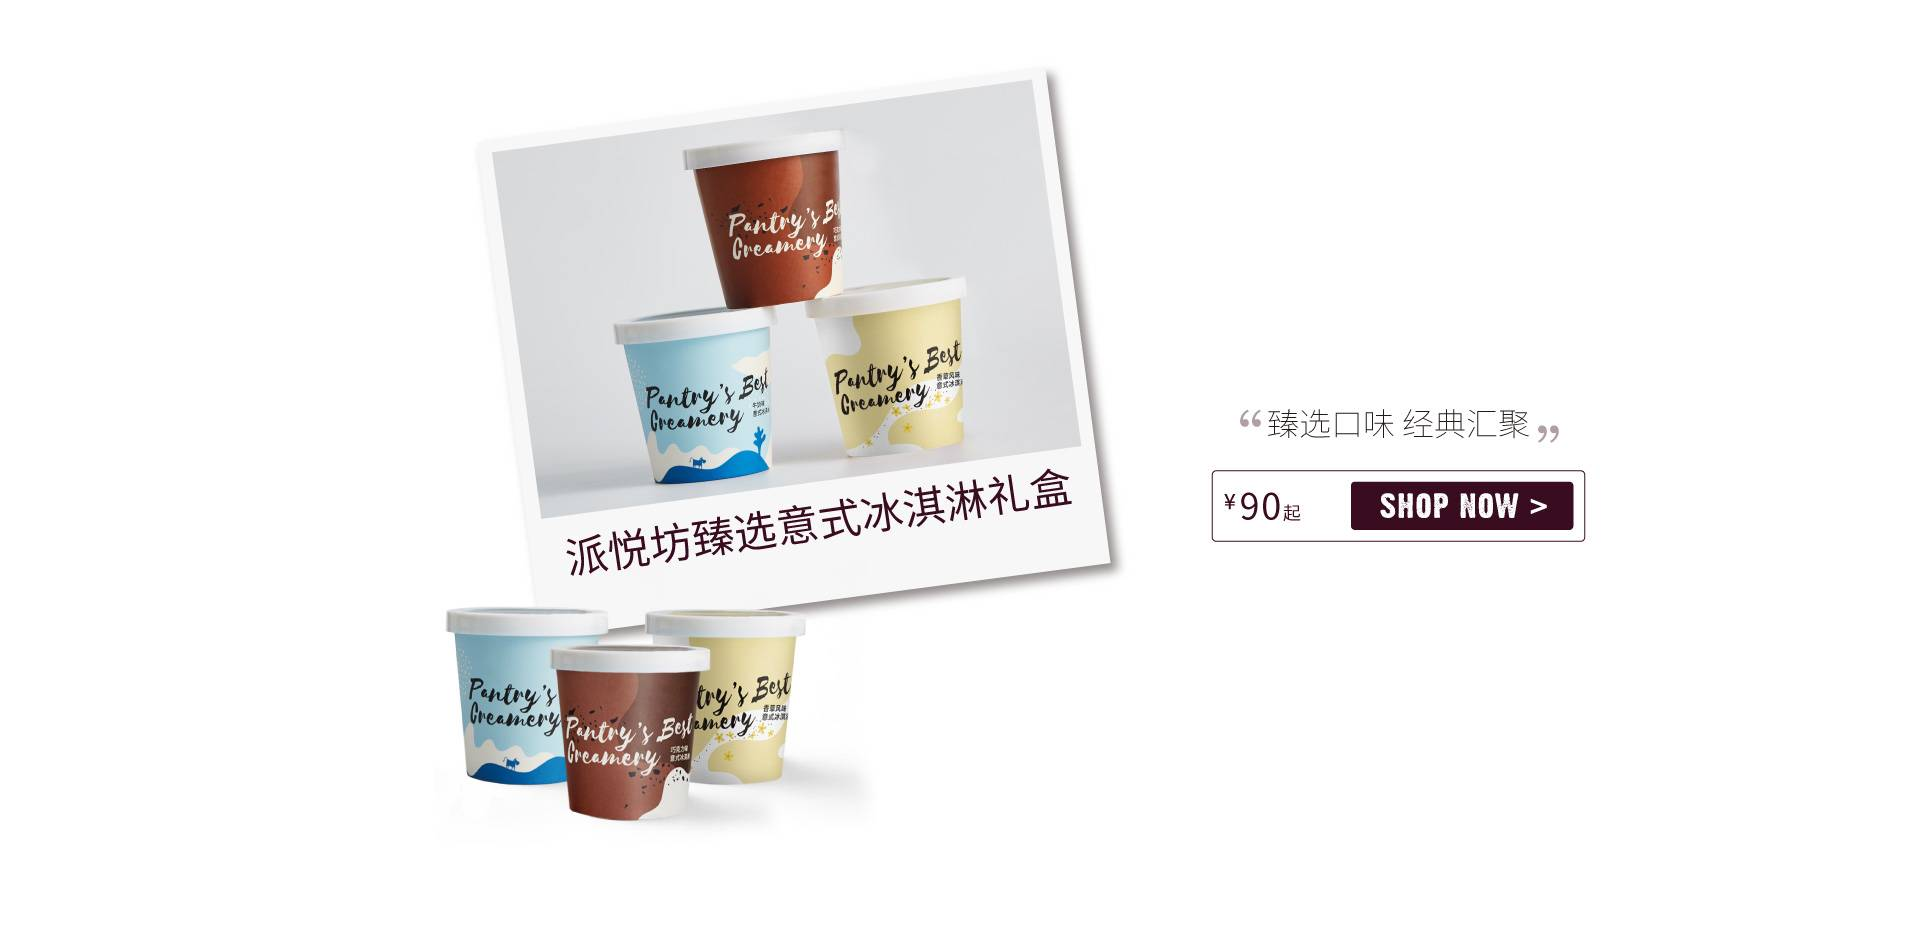 冰淇淋礼盒